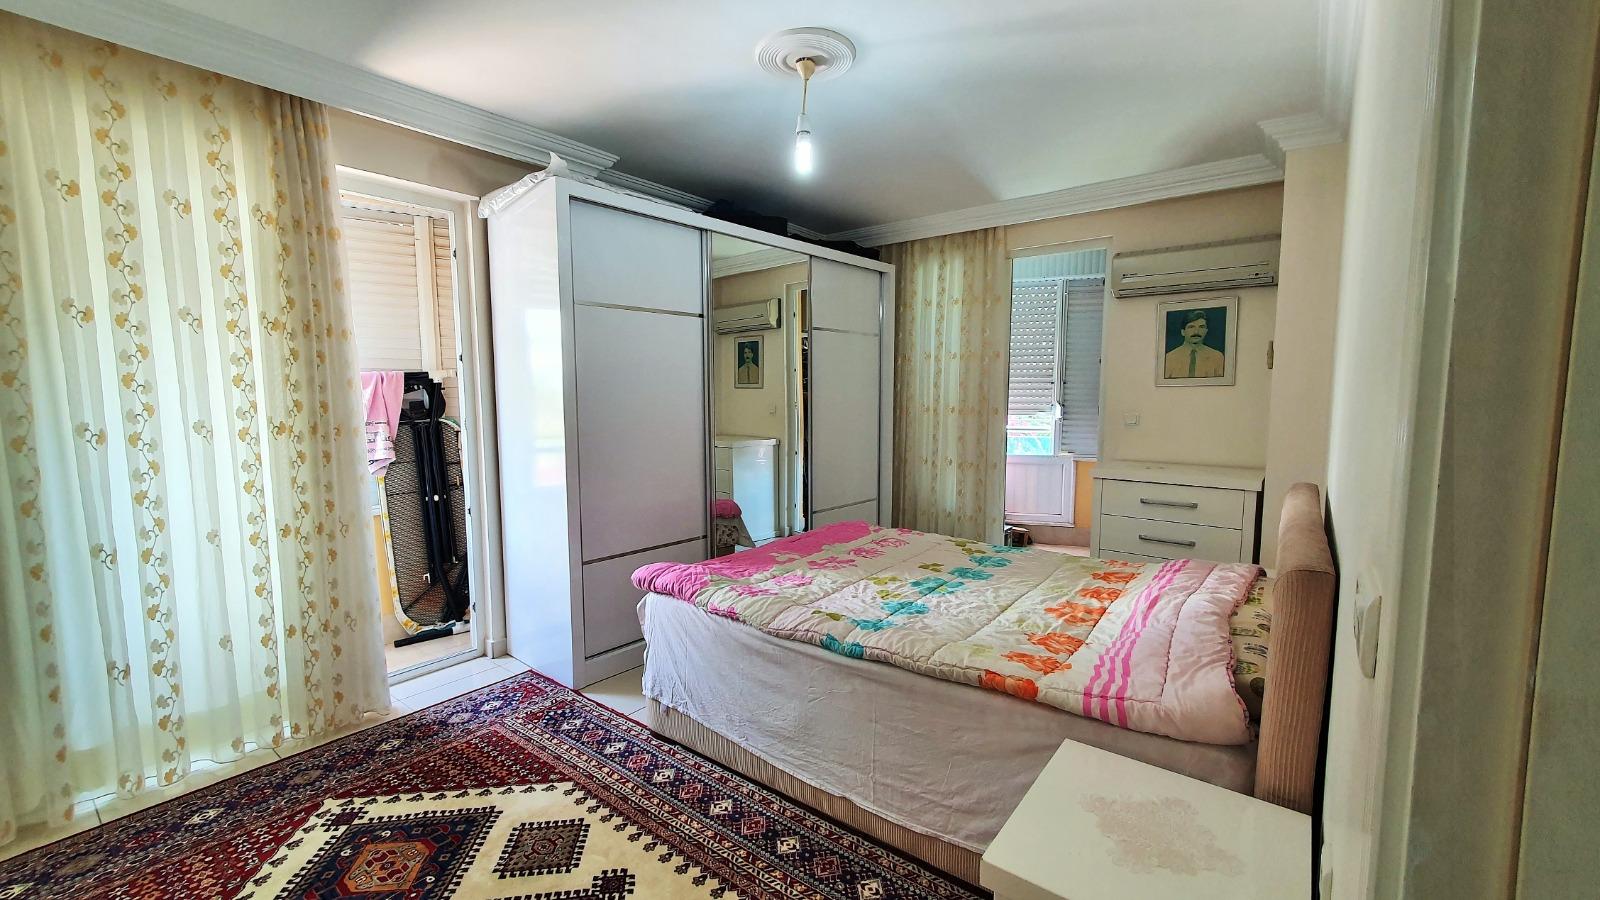 Квартира 2+1 в районе Махмутлар - Фото 9